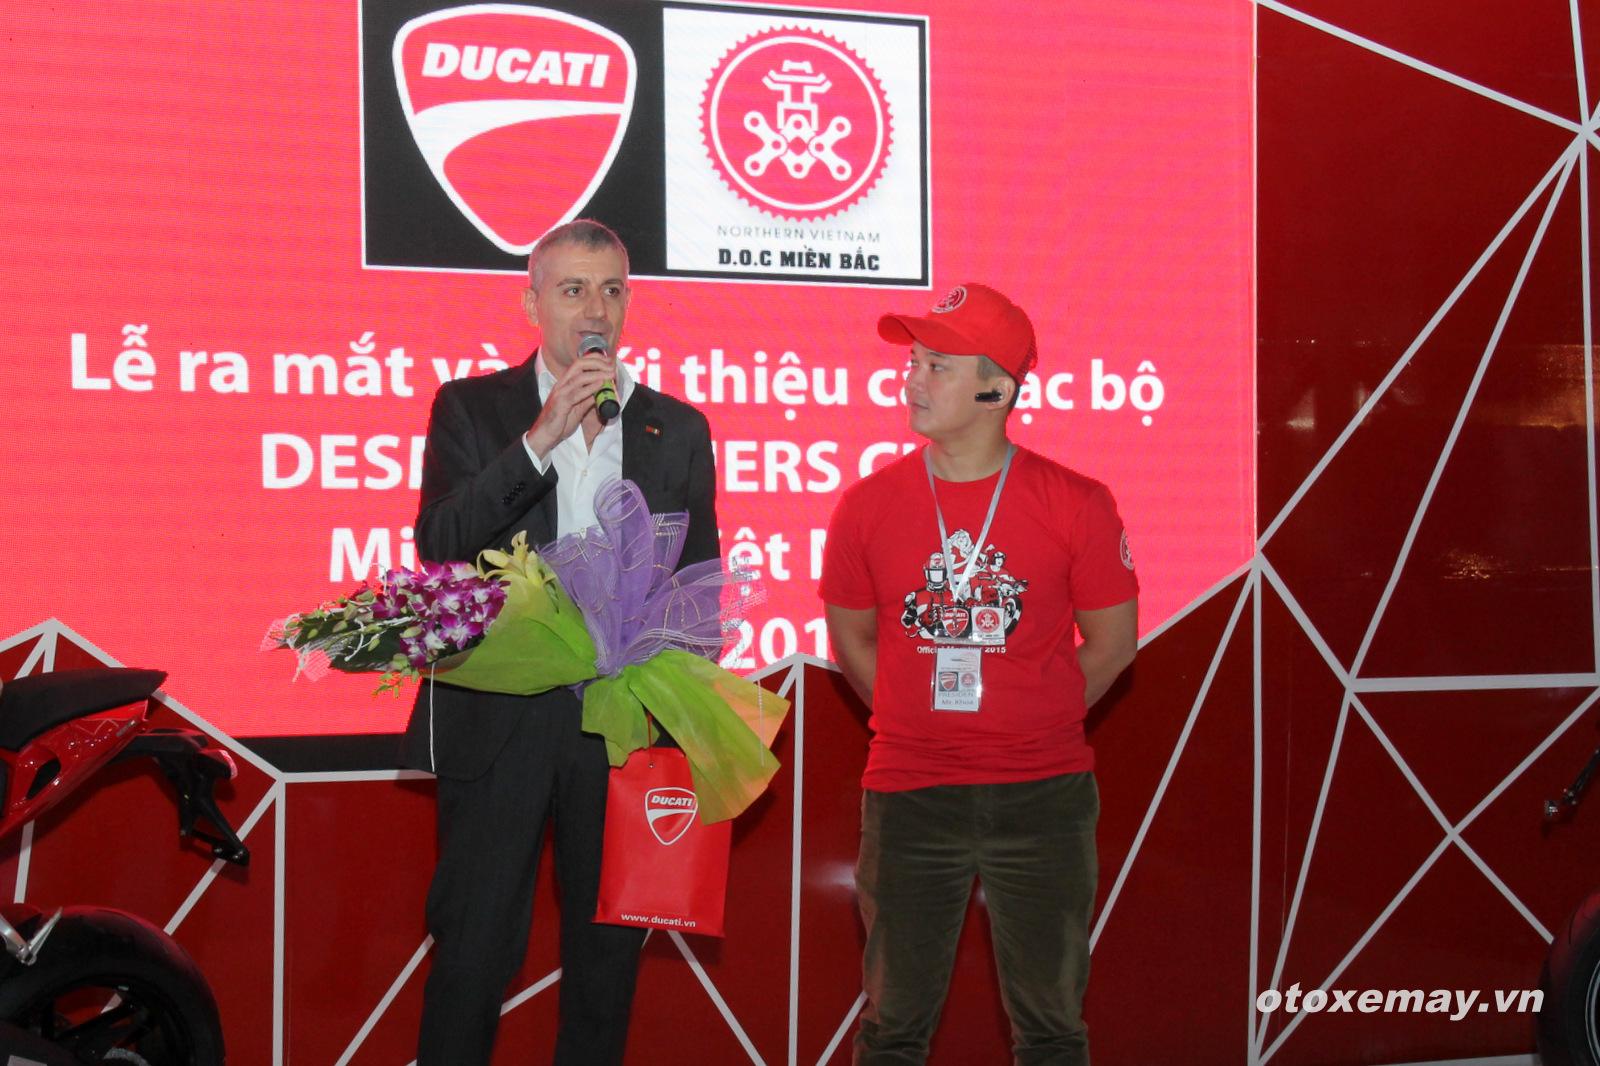 VIMS 2015: D.O.C Miền Bắc chính thức nhập hội Ducatisti thế giới 10